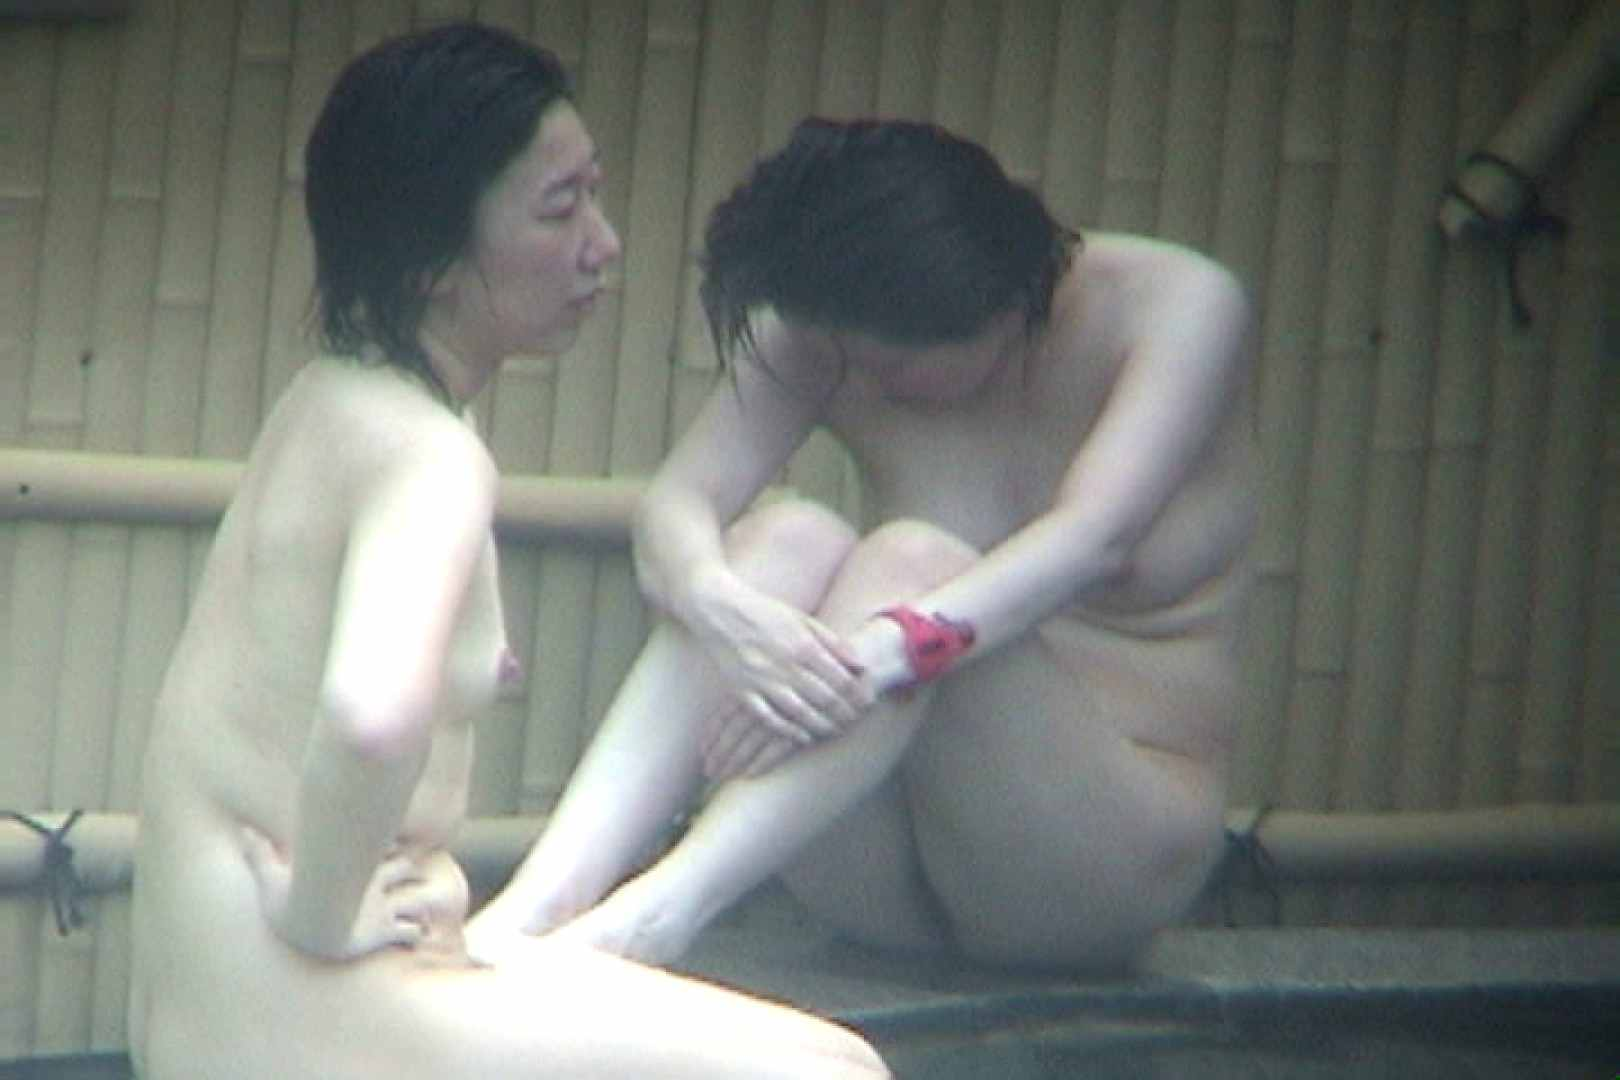 Aquaな露天風呂Vol.107 盗撮 隠し撮りオマンコ動画紹介 51連発 11